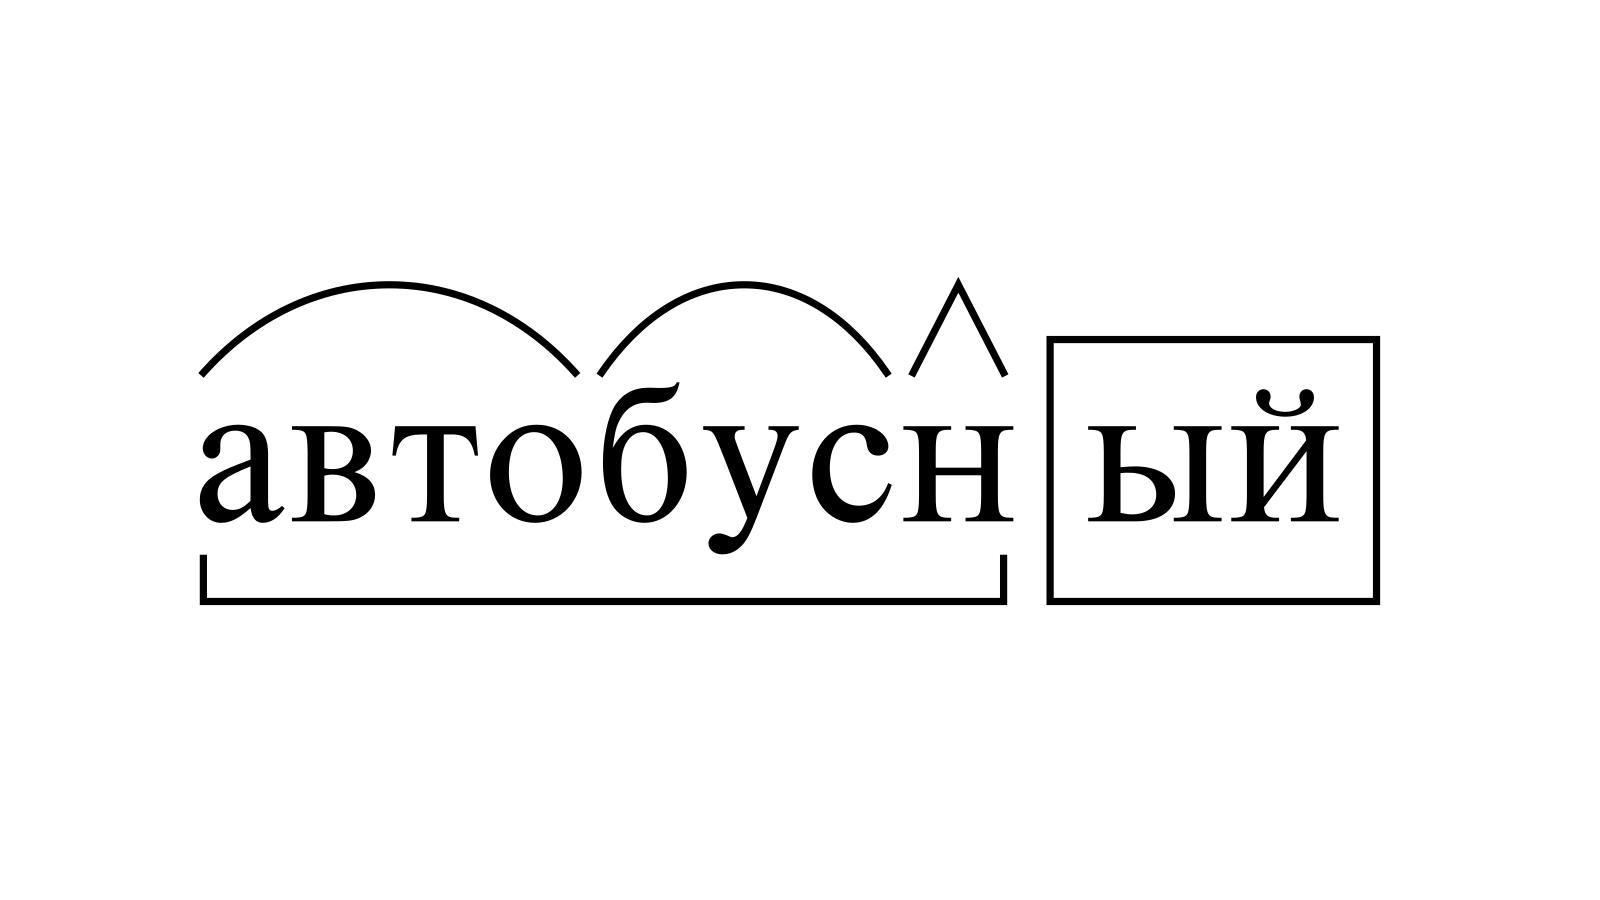 Разбор слова «автобусный» по составу